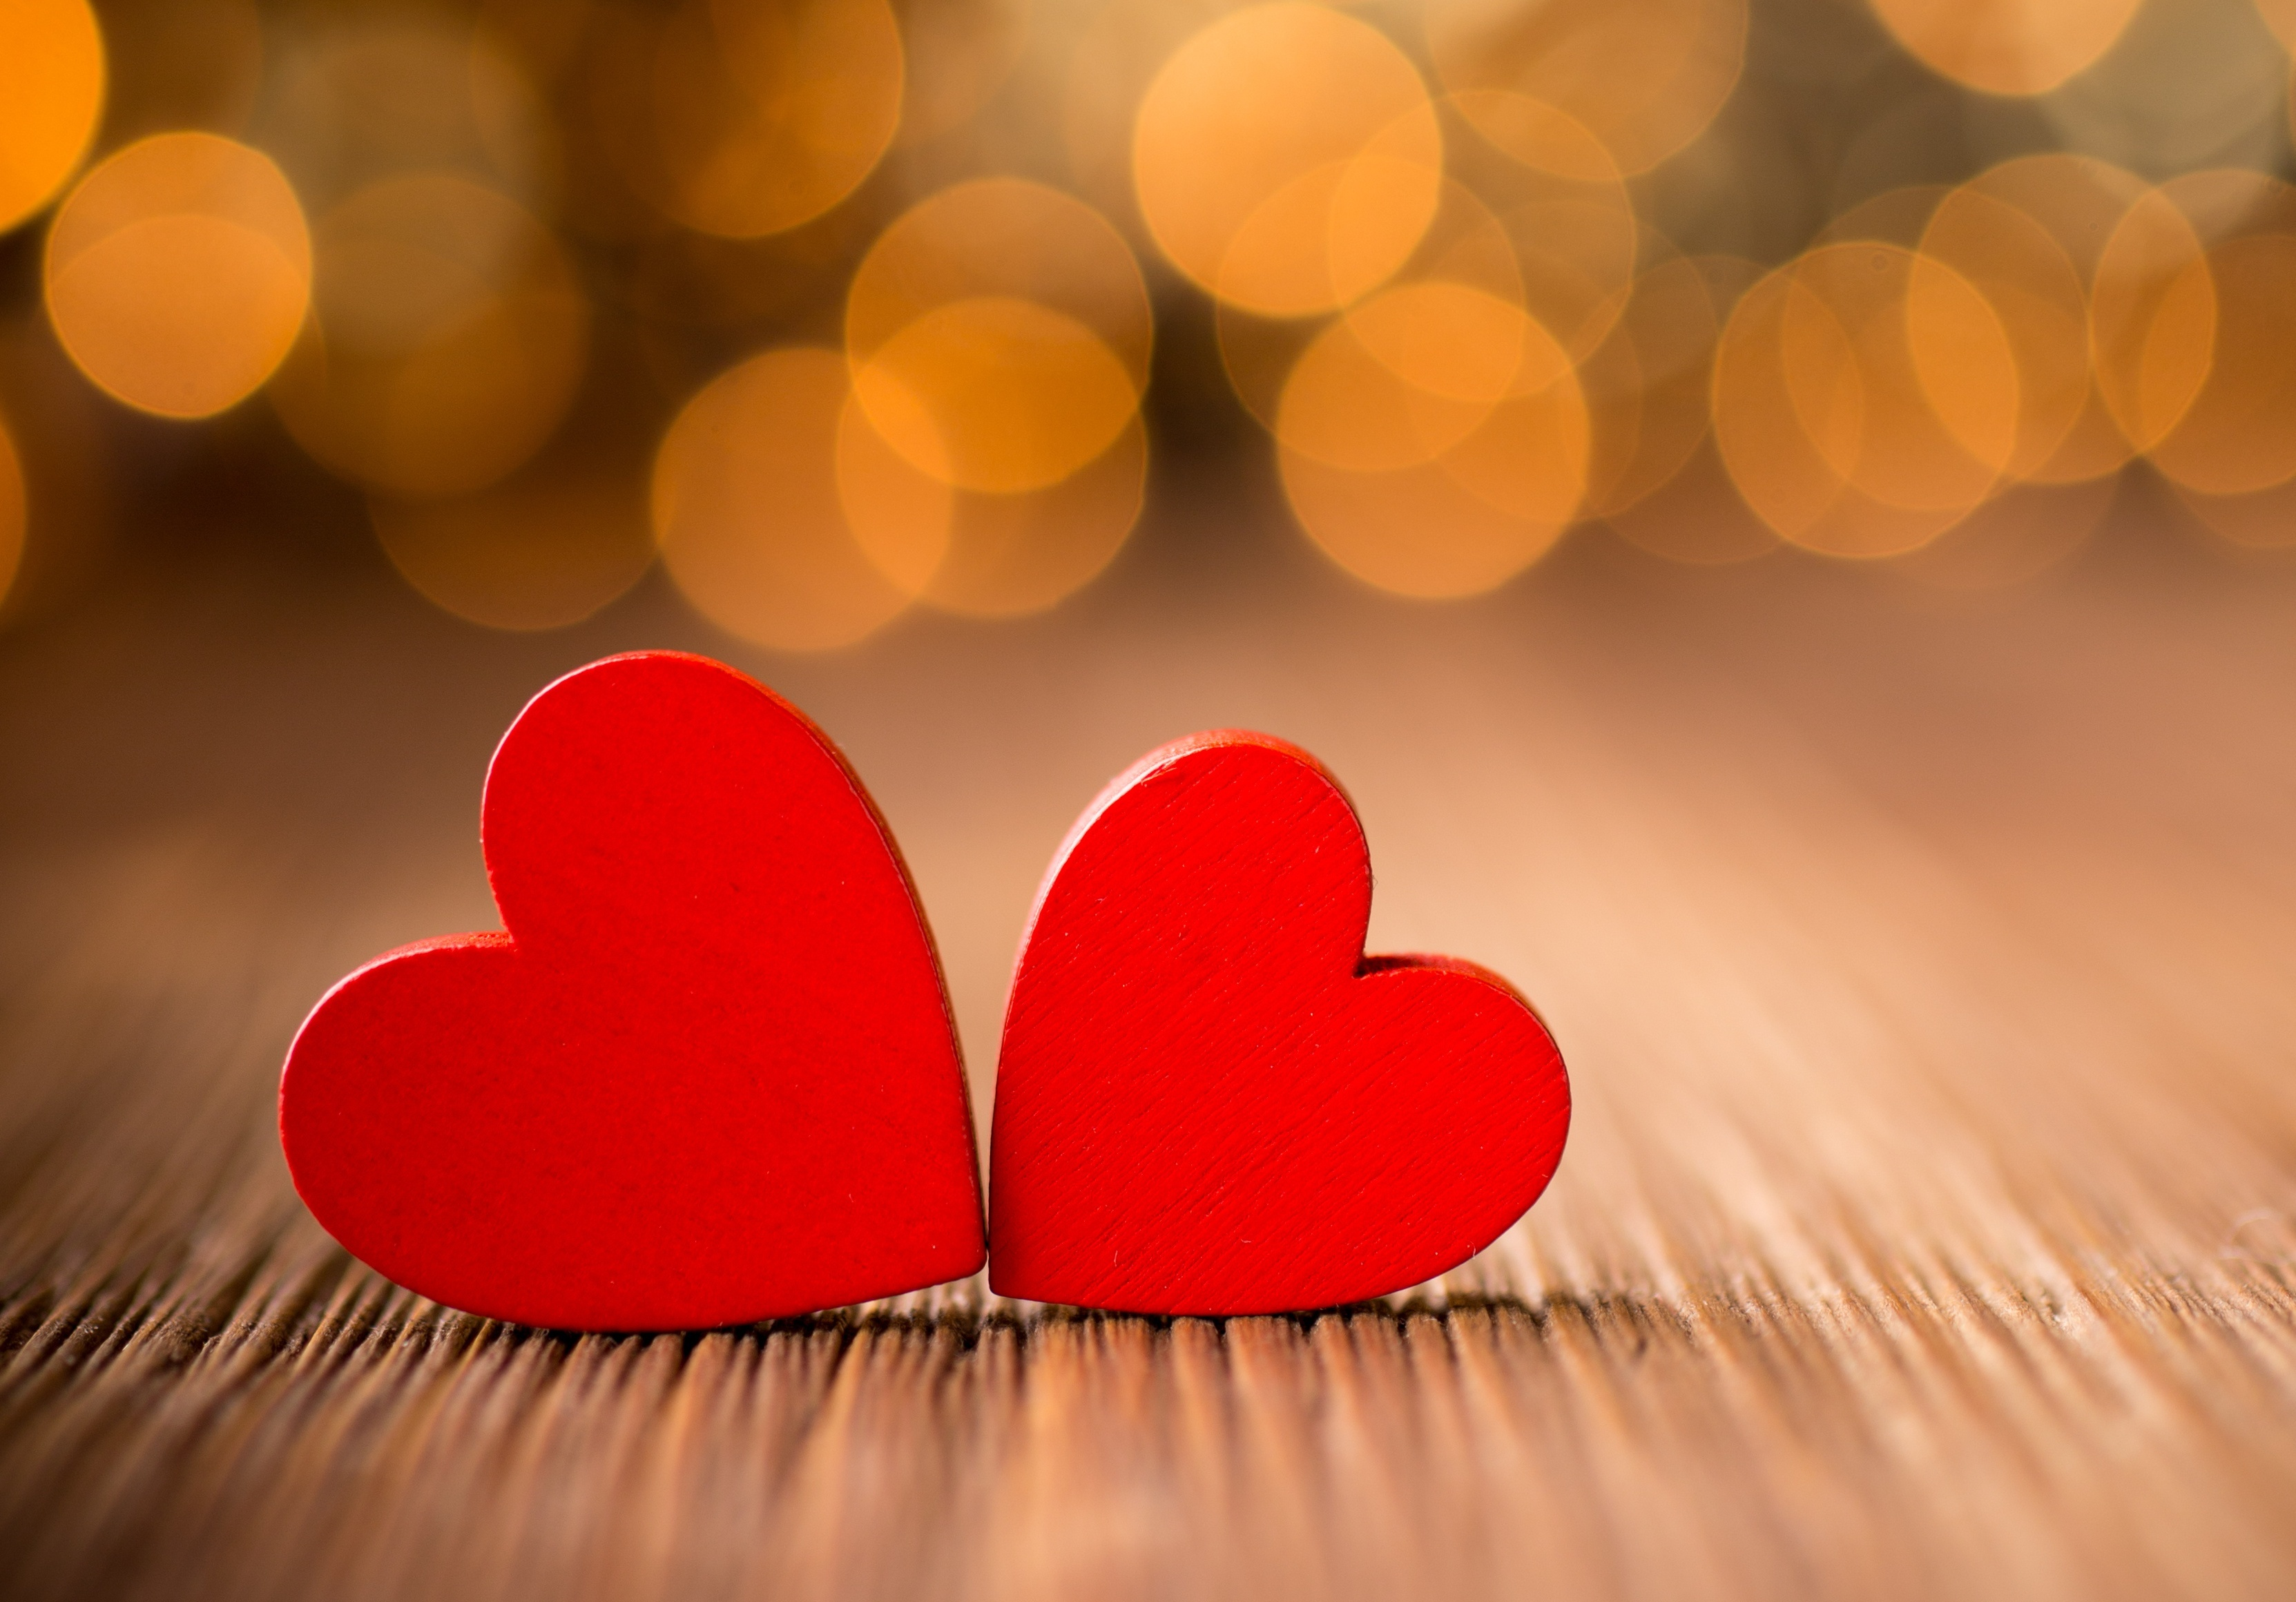 обои на рабочий стол про любовь на весь экран бесплатно № 24041 бесплатно